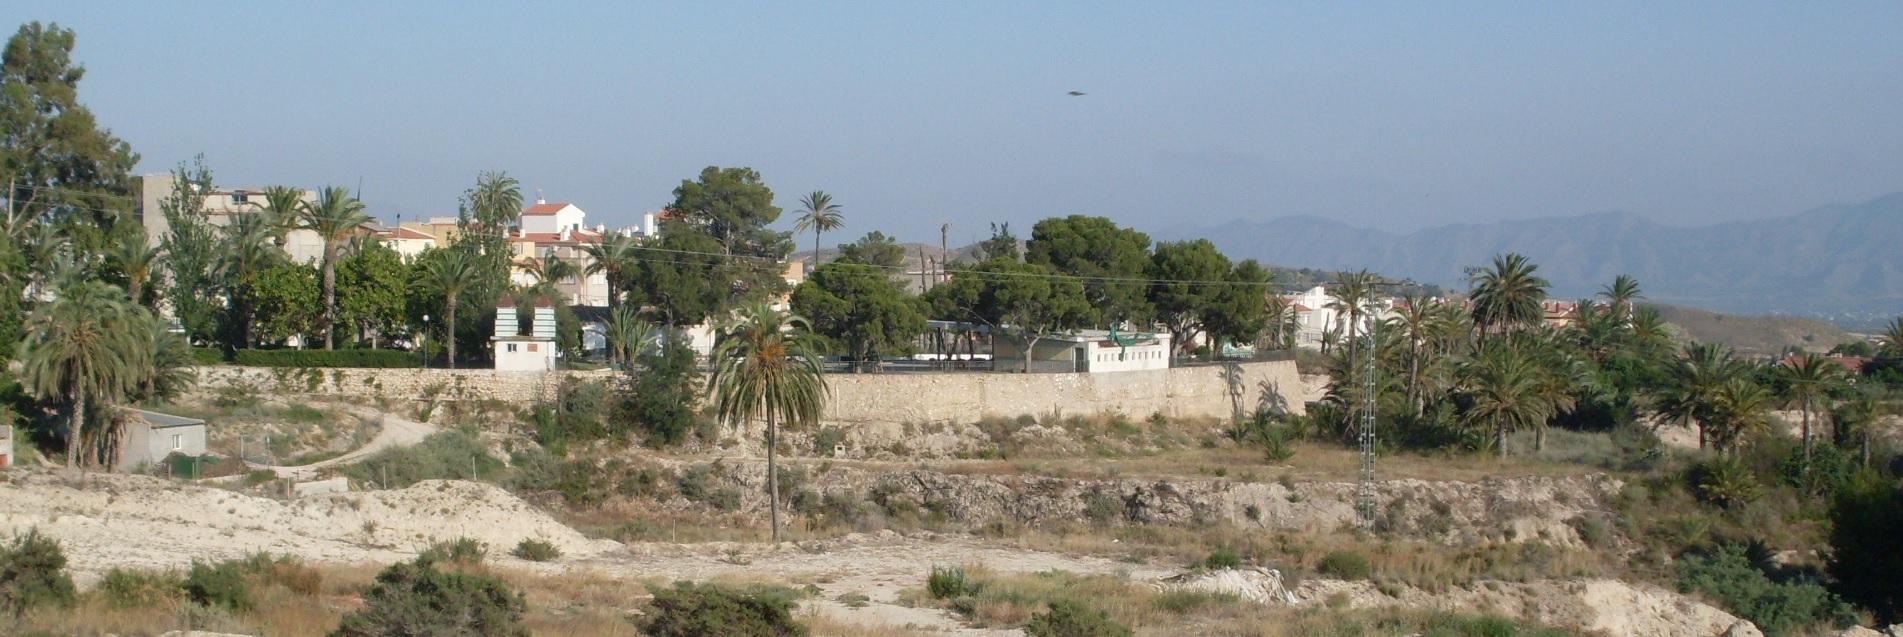 Terrenos junto a la Ermita en el año 2010